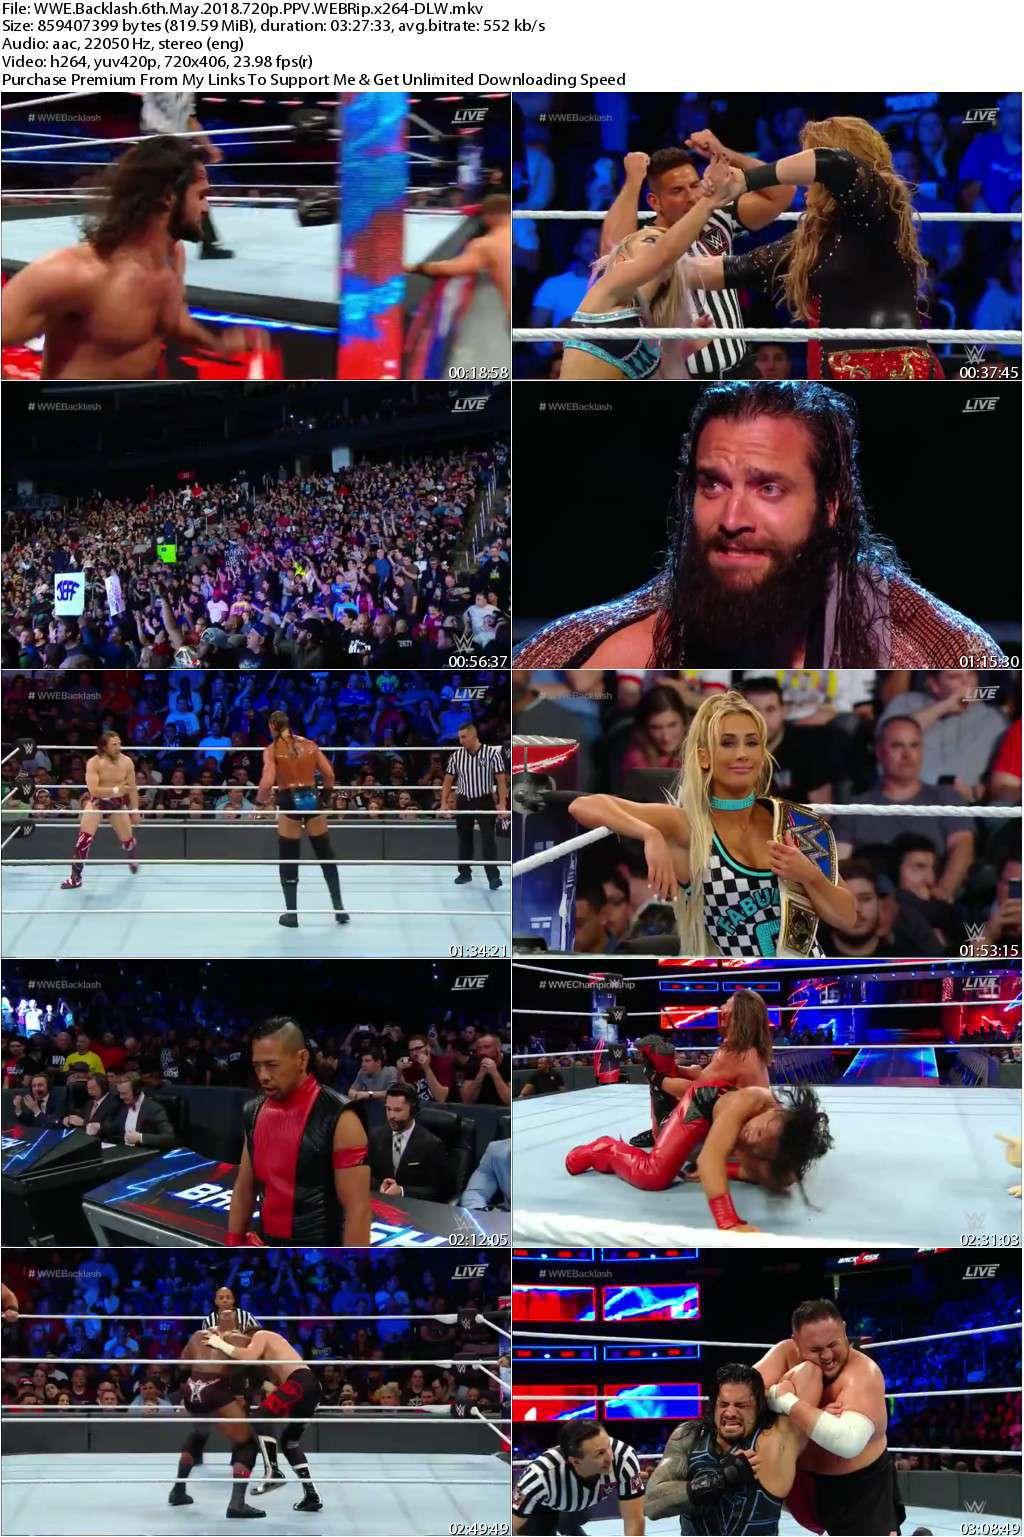 WWE Backlash 6th May 2018 720p PPV WEBRip x264-DLW